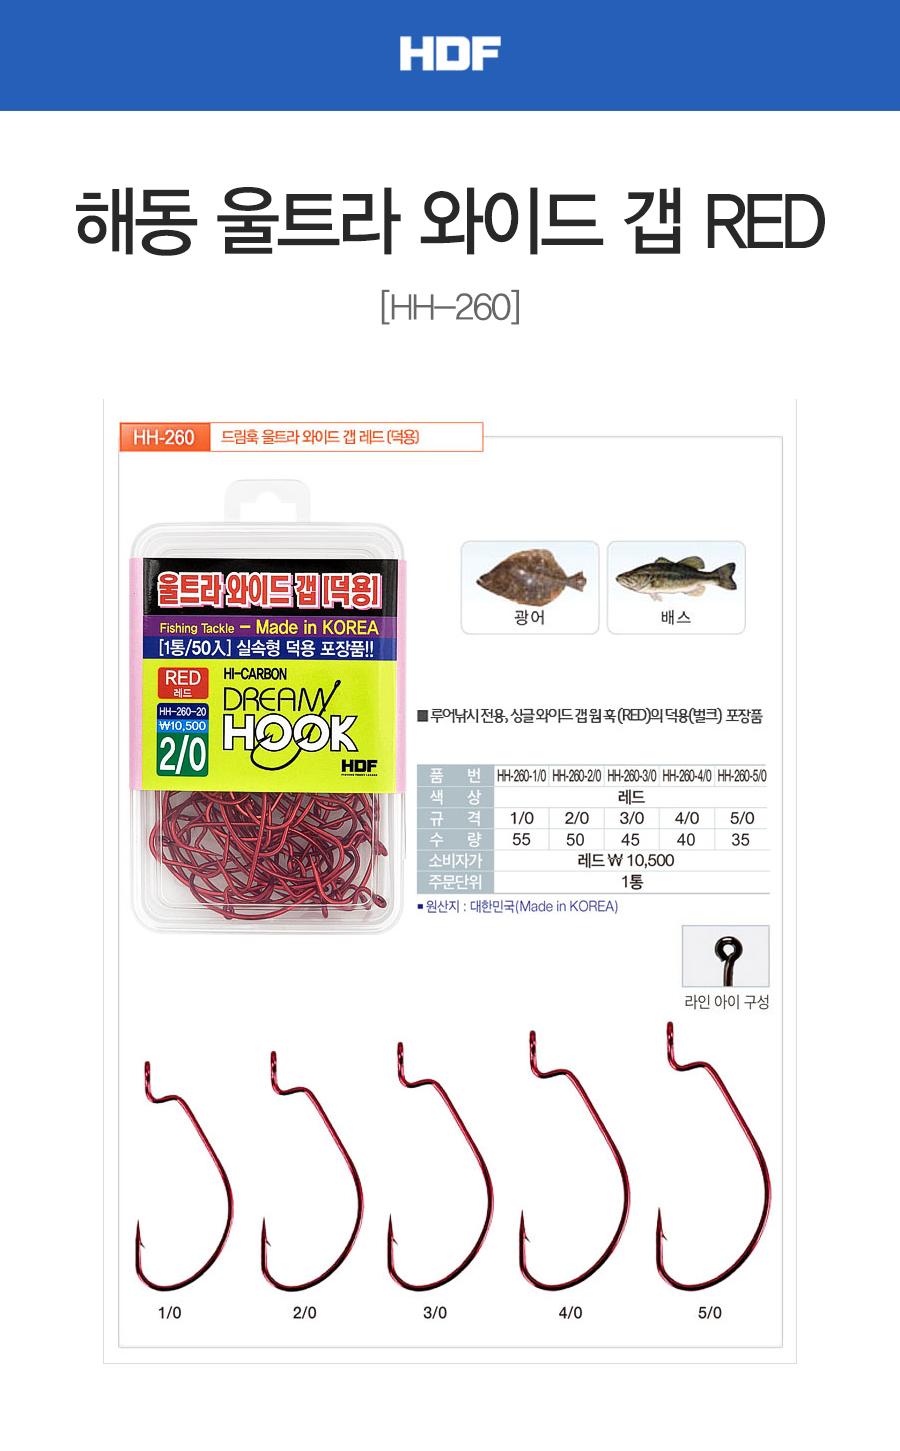 해동조구 울트라 와이드 갭 RED(레드) [덕용] HH-260